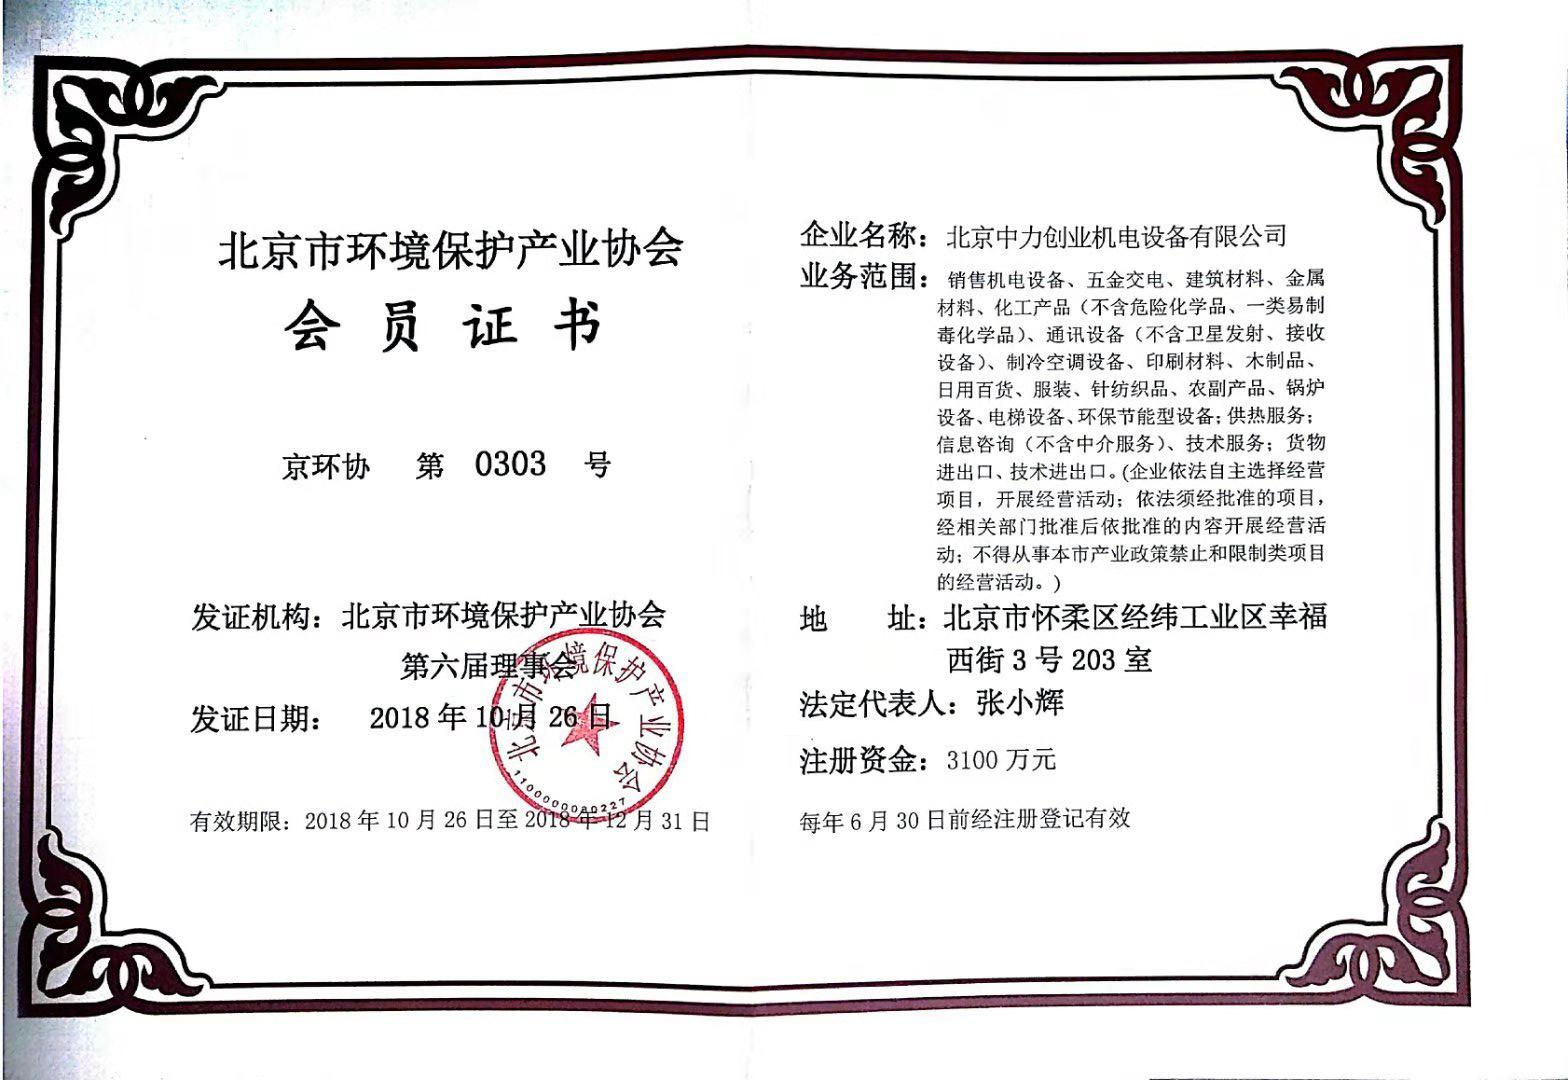 北京市环境保护产业协会会员证书